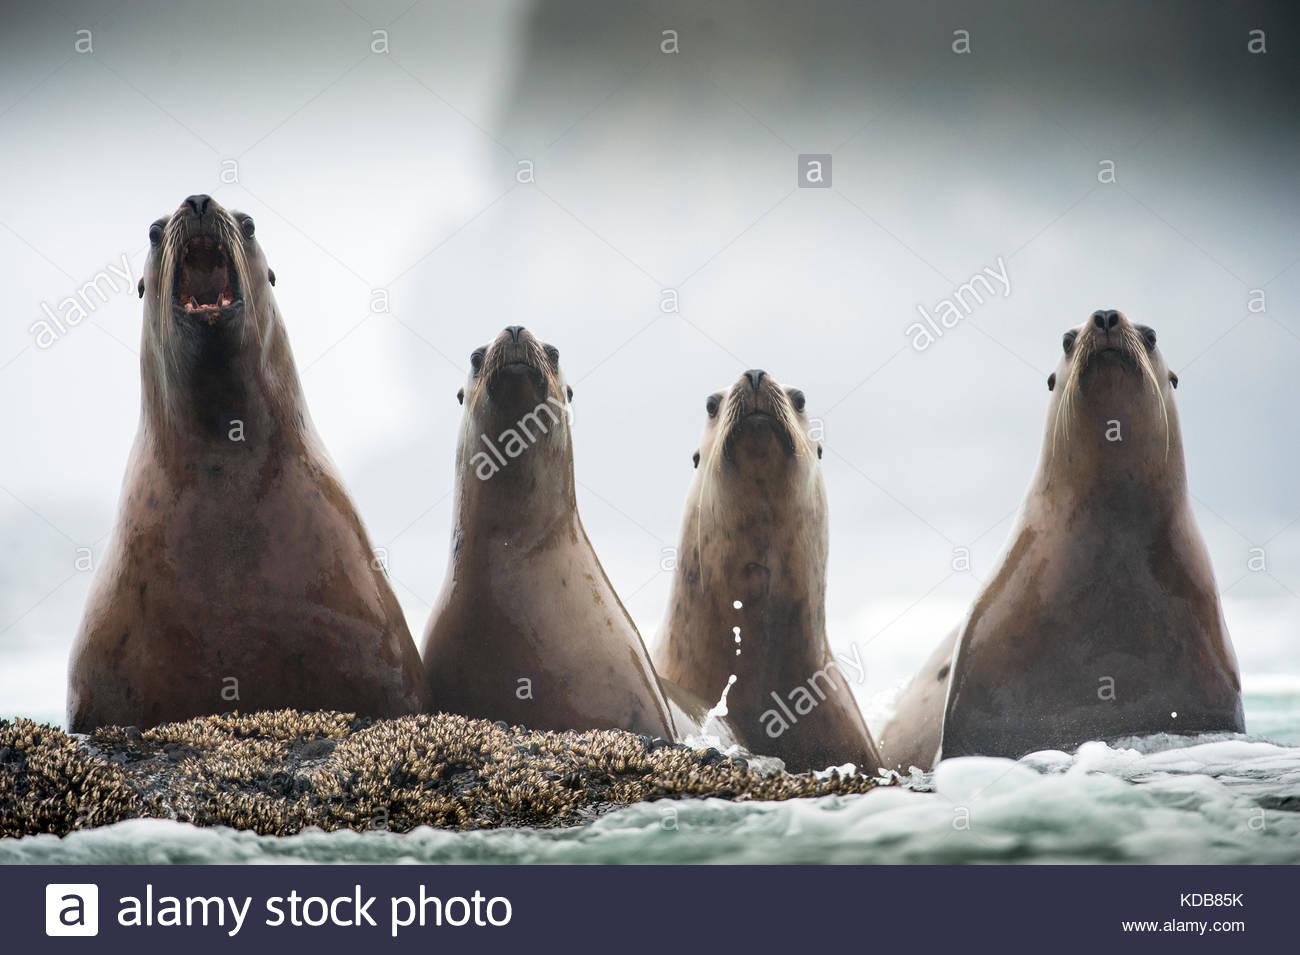 Quattro adolescente Steller leoni di mare, Eumetopias jubatus. Immagini Stock